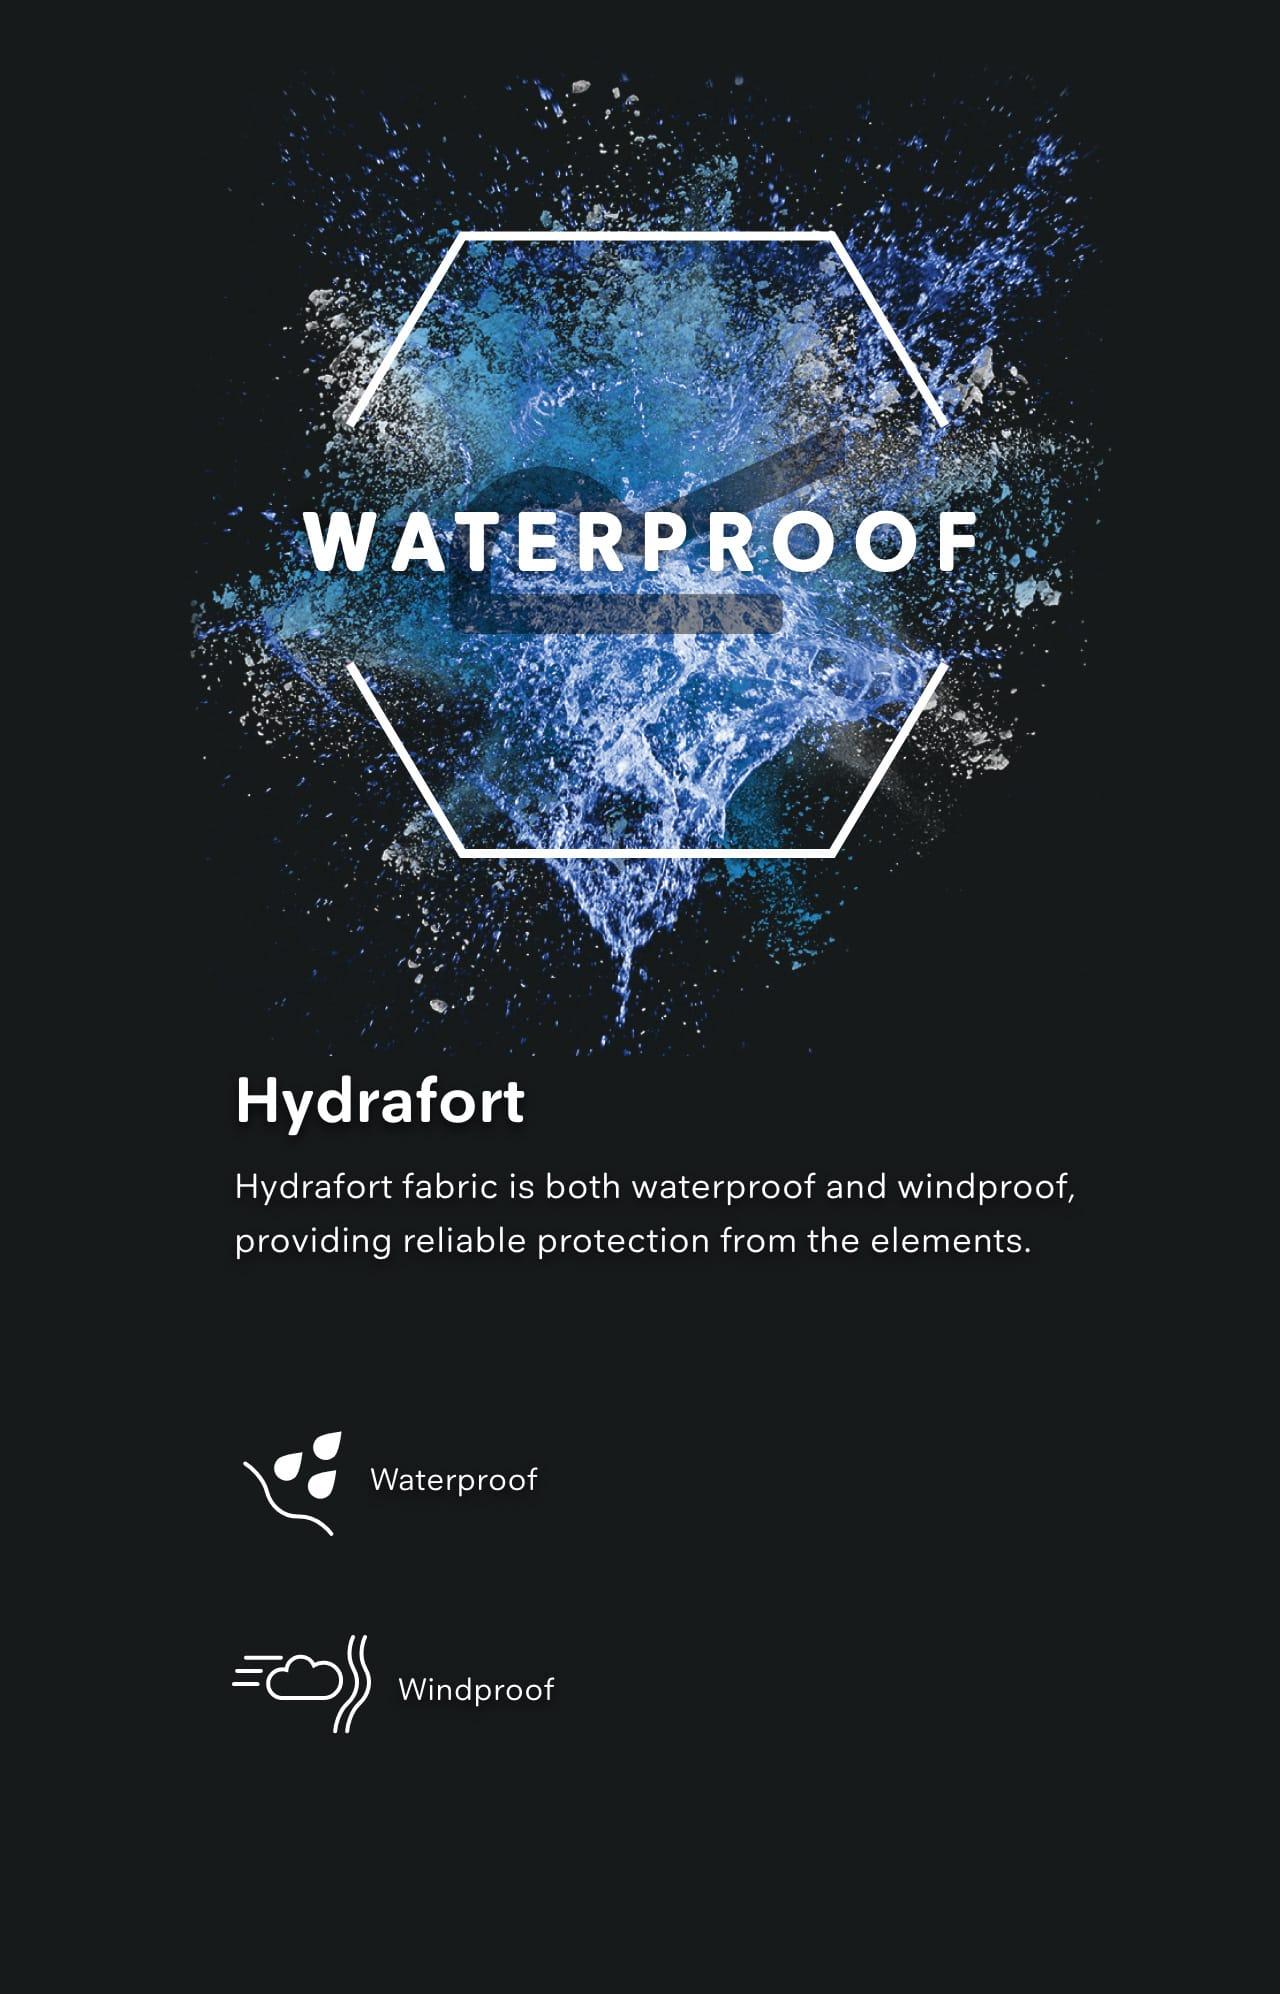 Hydrafort